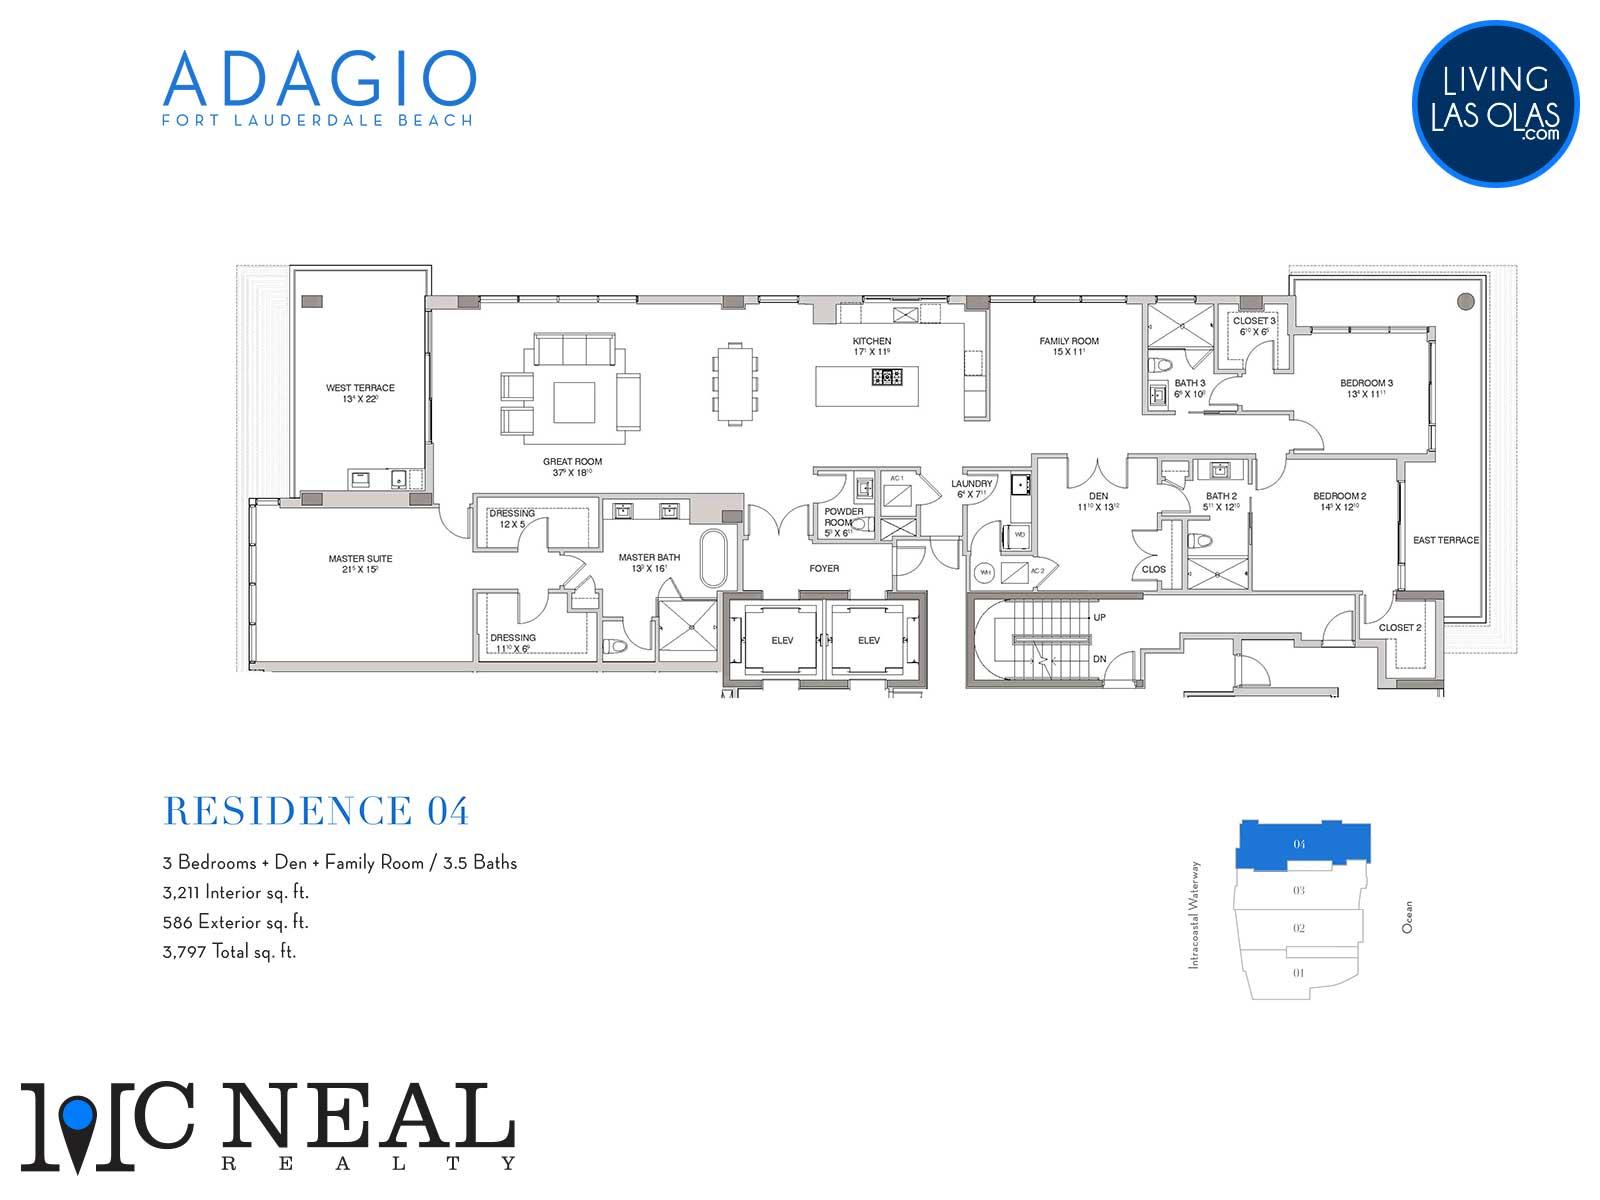 Adagio Fort Lauderdale Beach Condos Floor Plans Residence 04